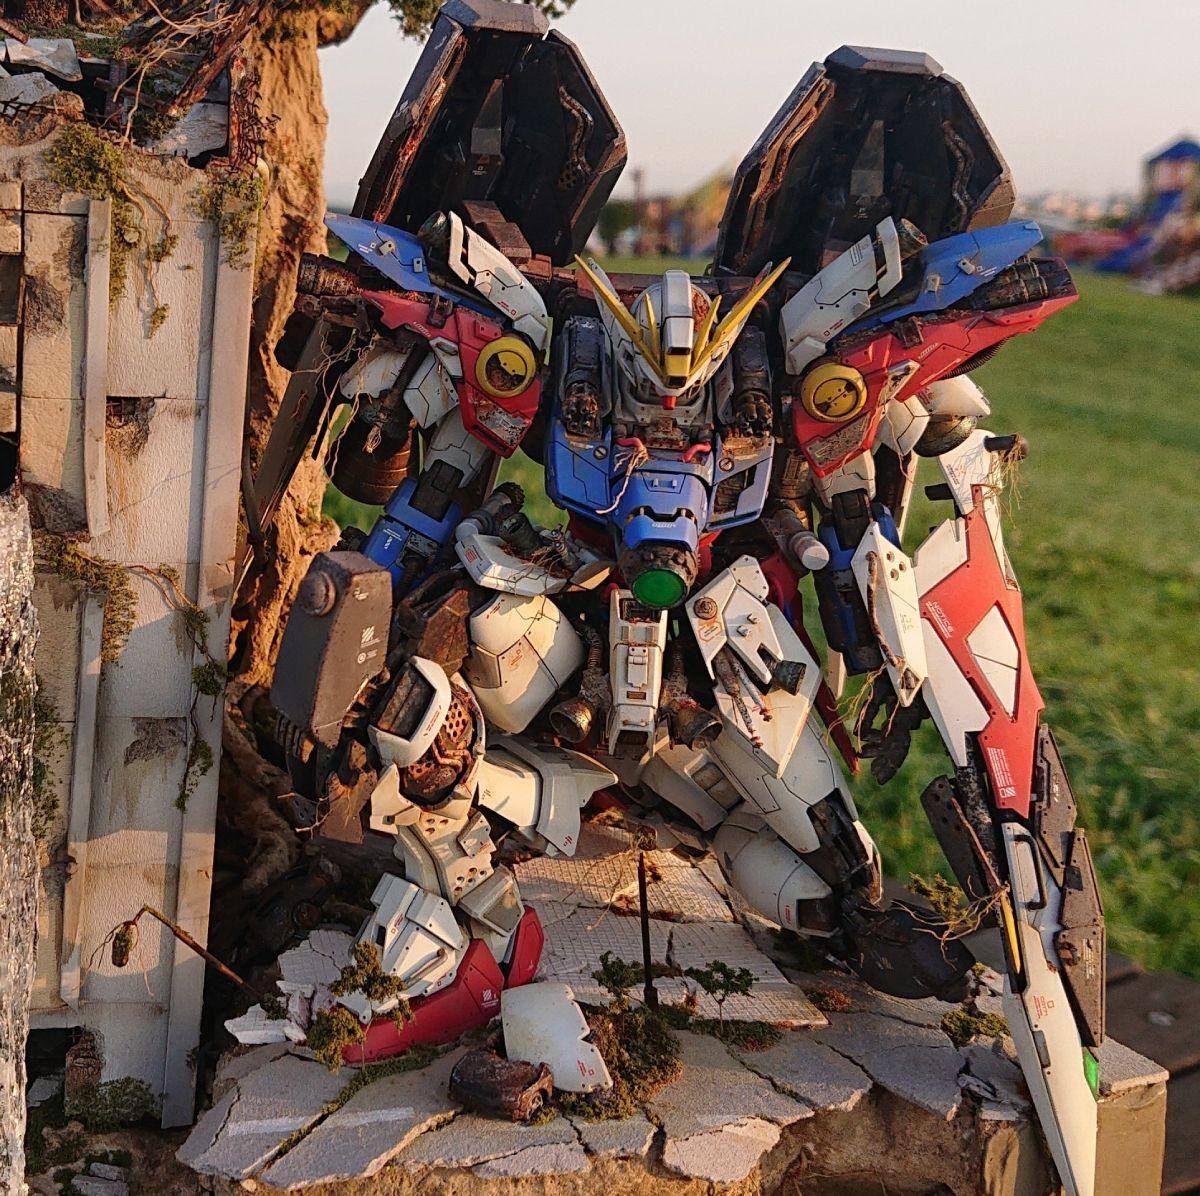 高玩打造废墟风高达情景模型 飞翼高达末世沧桑